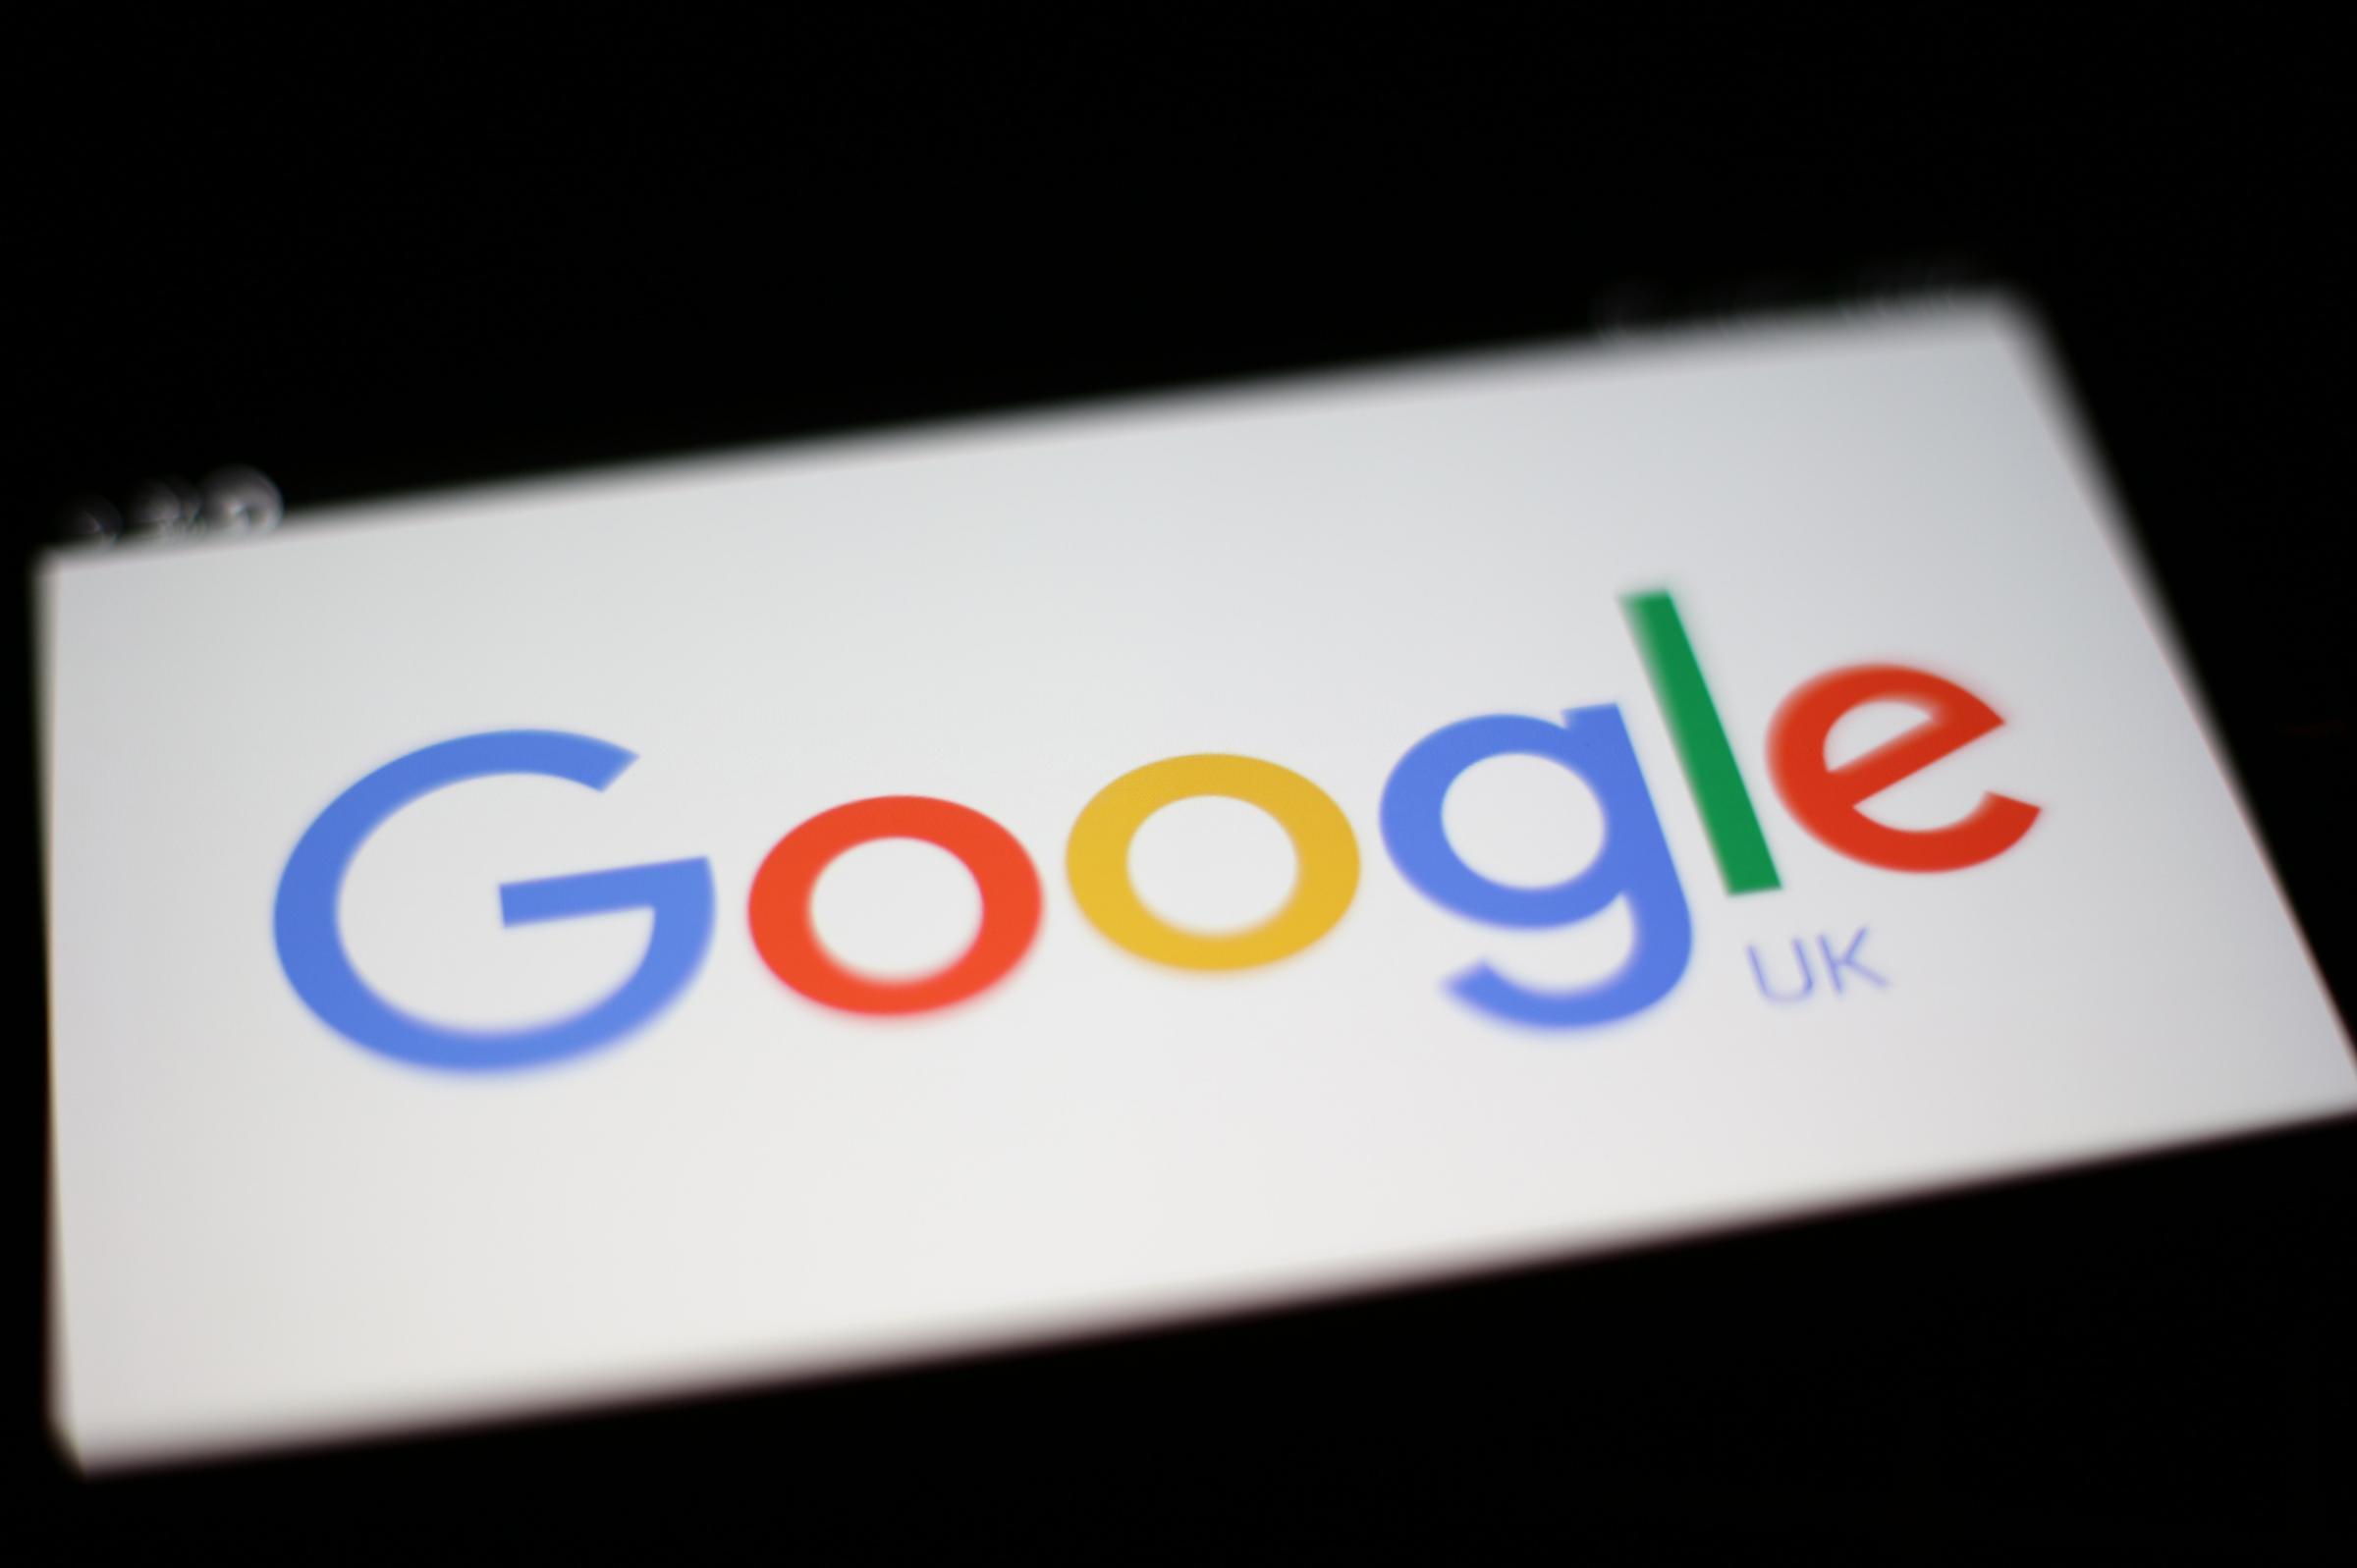 Le parole più cercate in Italia su Google nel 2016